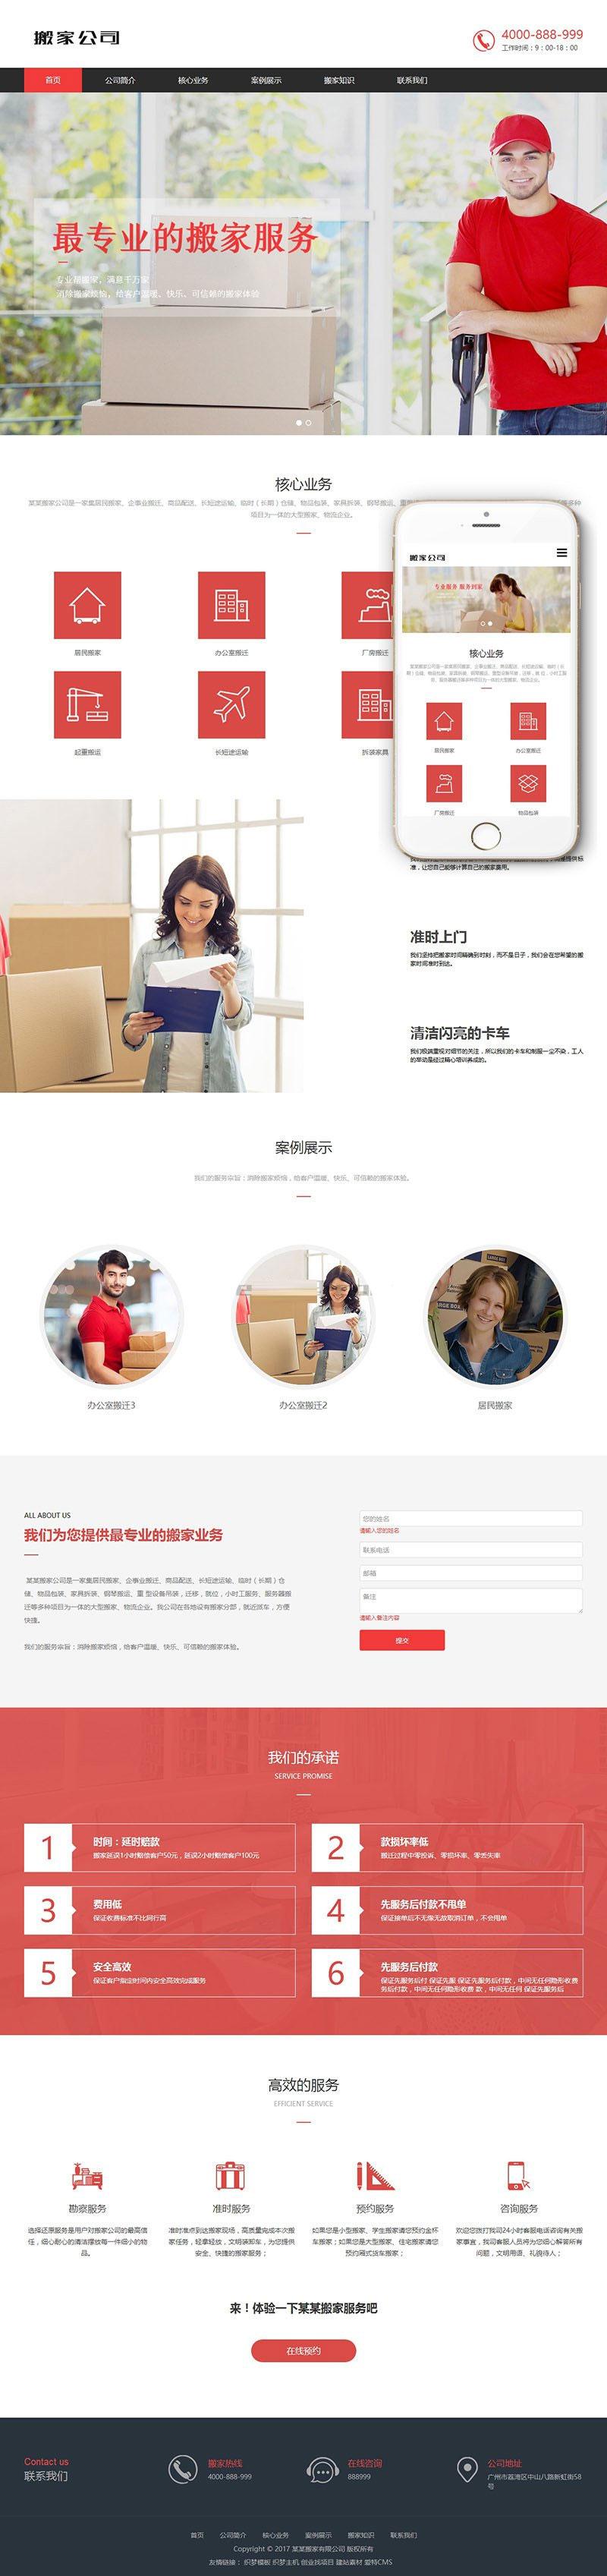 (自适应手机移动端)响应式搬家家政服务公司网站源码 织梦dedecms模板 第1张